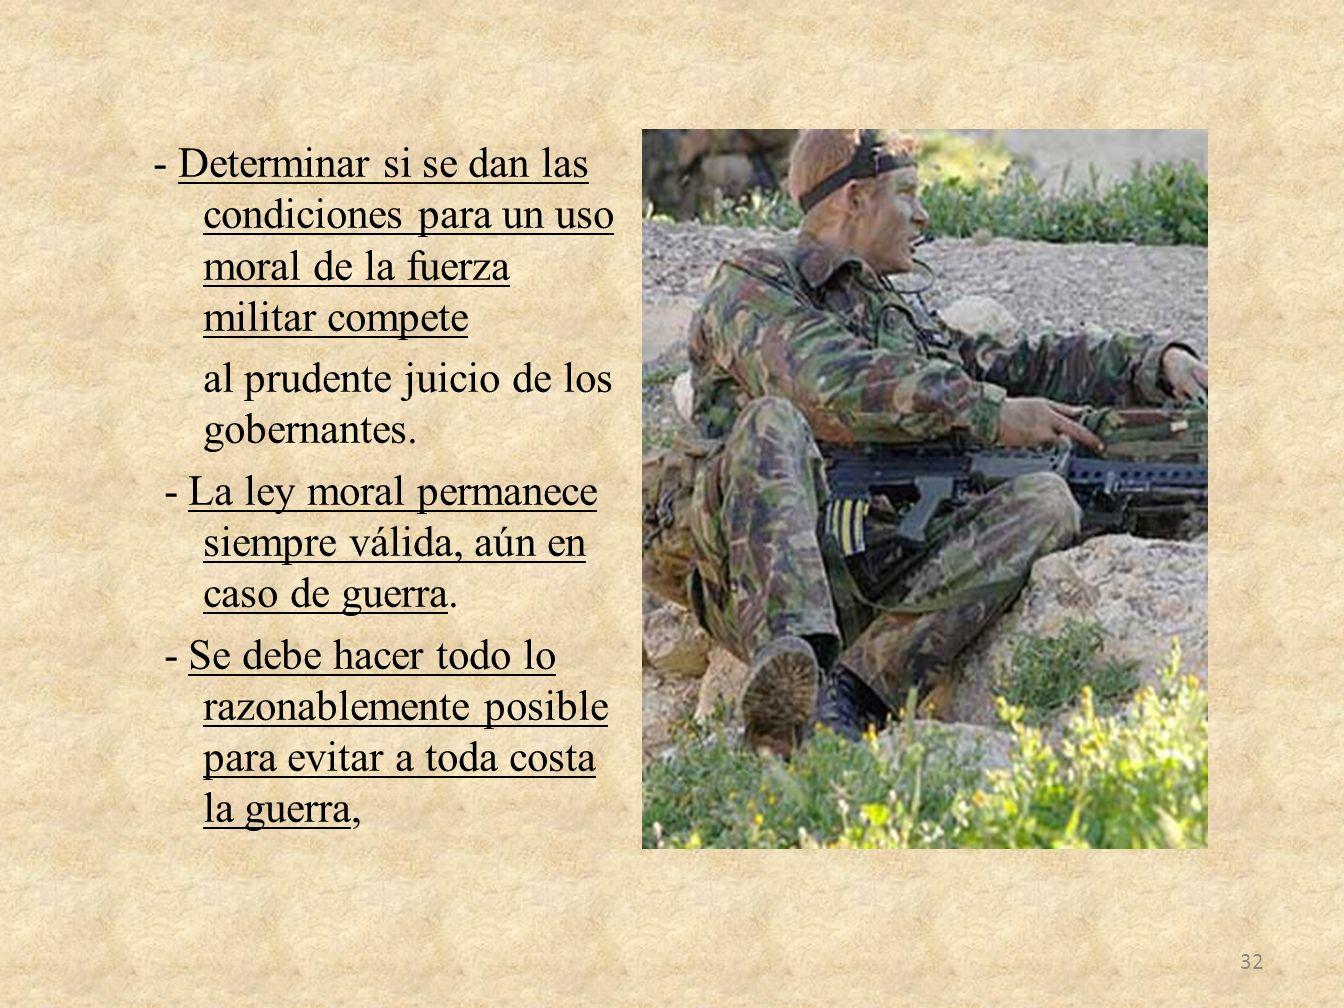 - Determinar si se dan las condiciones para un uso moral de la fuerza militar compete al prudente juicio de los gobernantes.